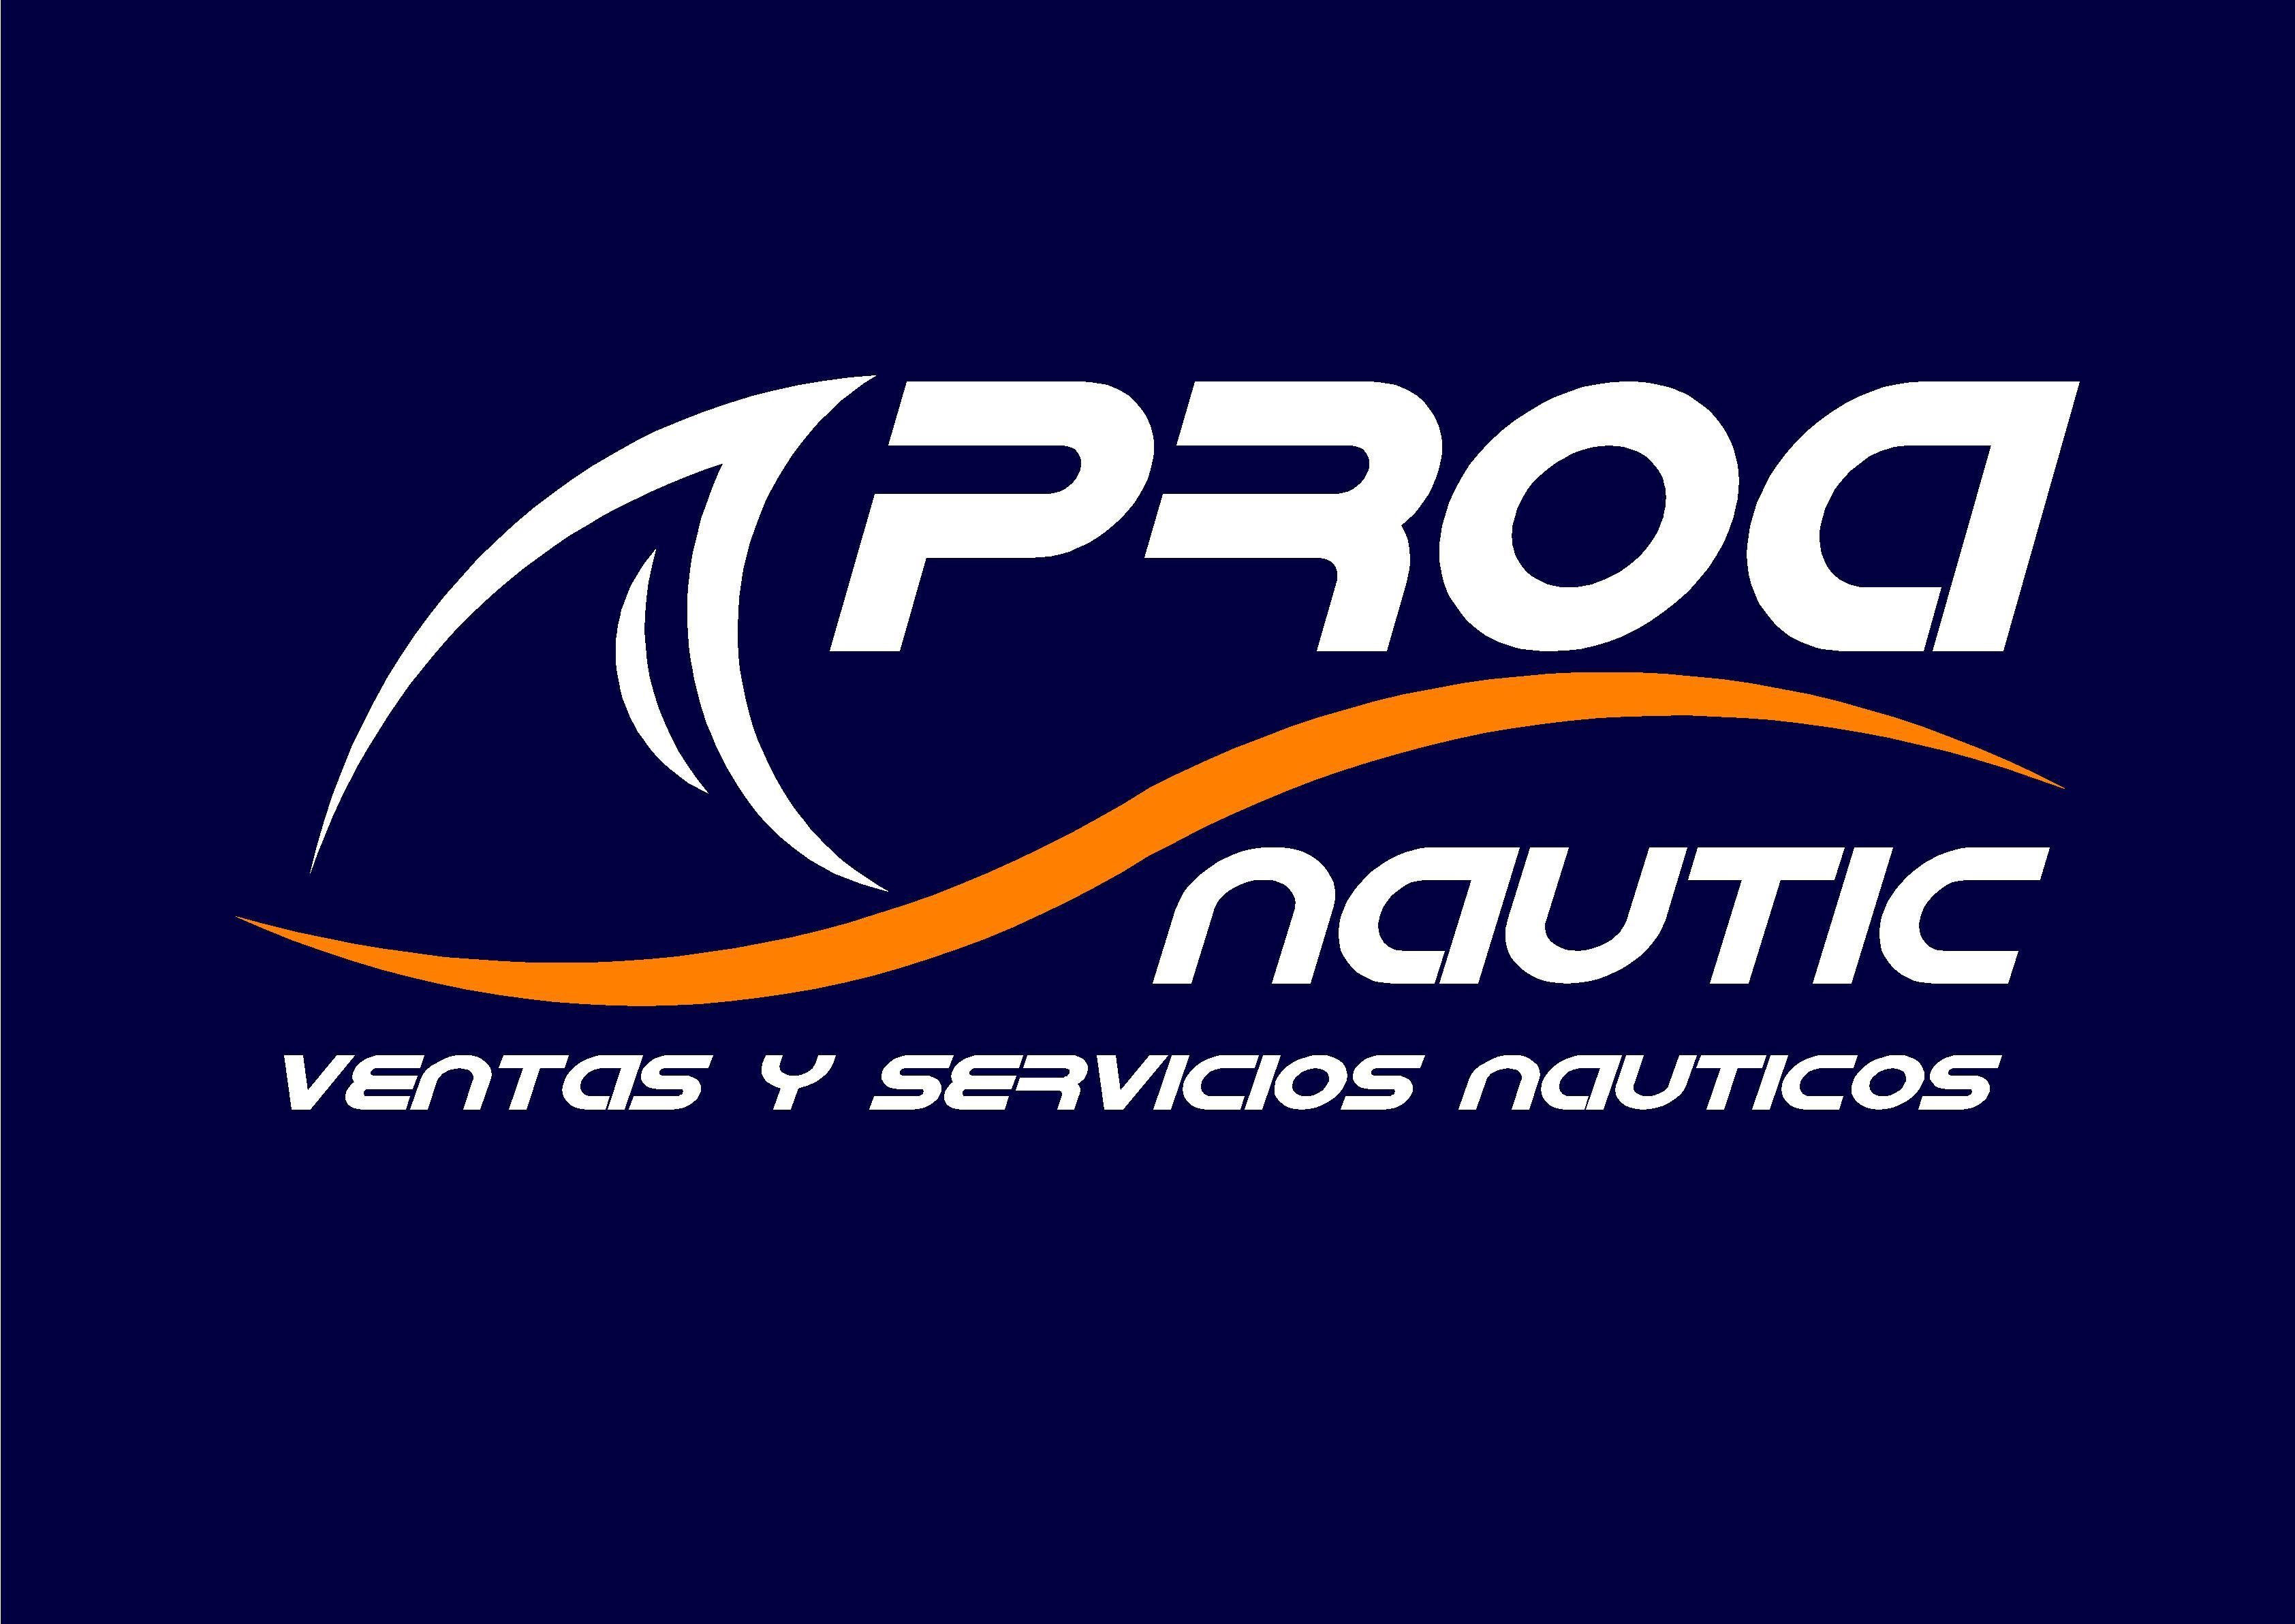 Logo de PROA BADANAUTIC